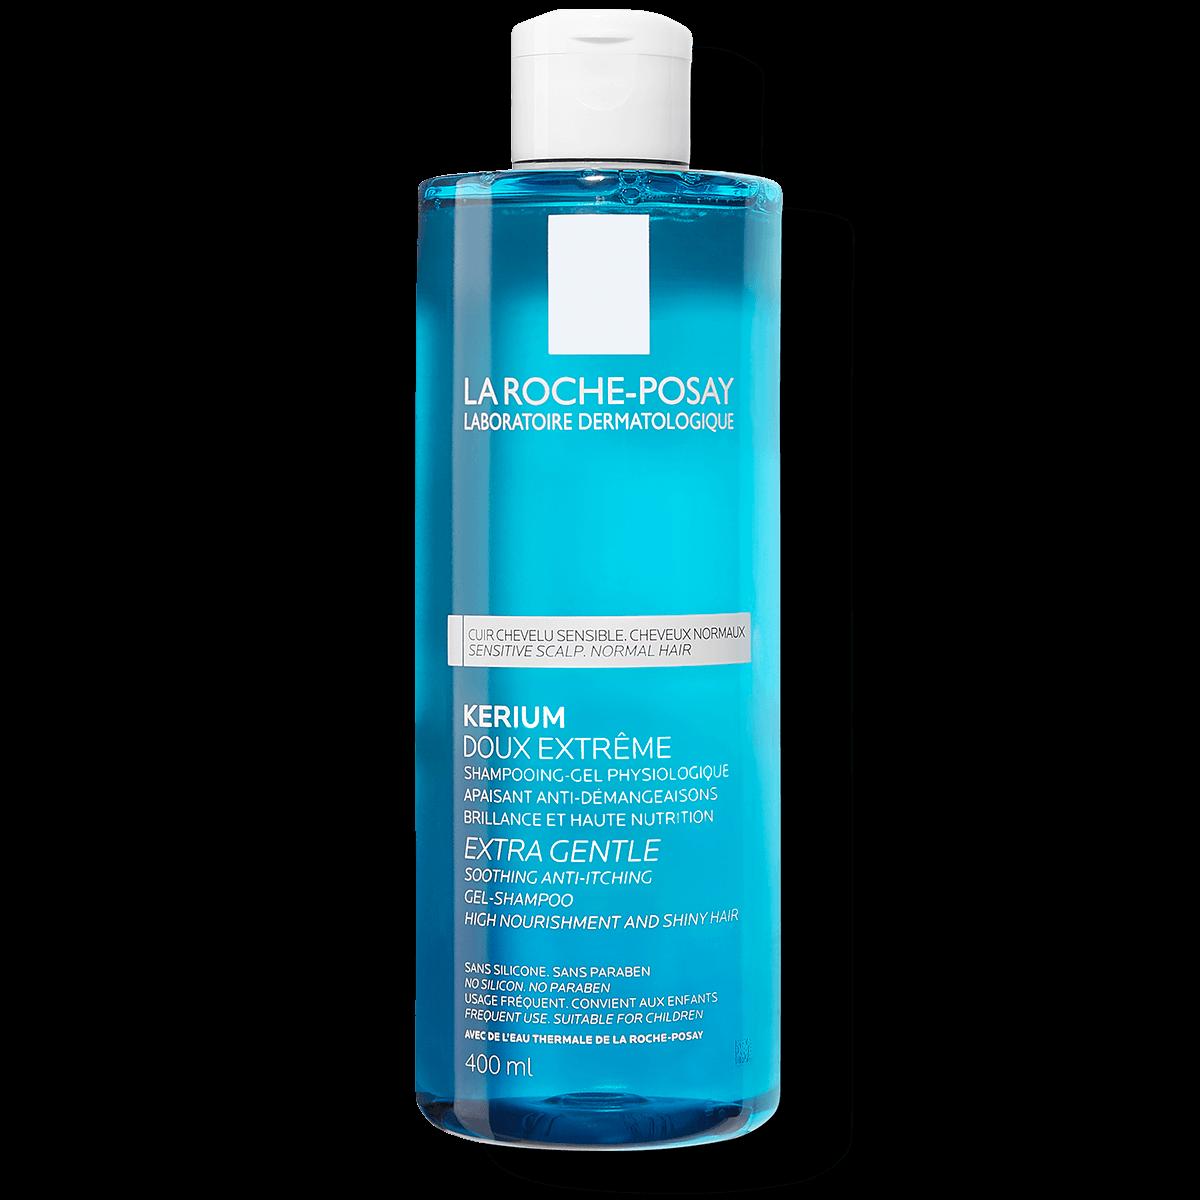 Szampon oczyszczający skórę głowy DELIKATNY SZAMPON OCZYSZCZAJĄCY 400 ml Przód | La Roche Posay